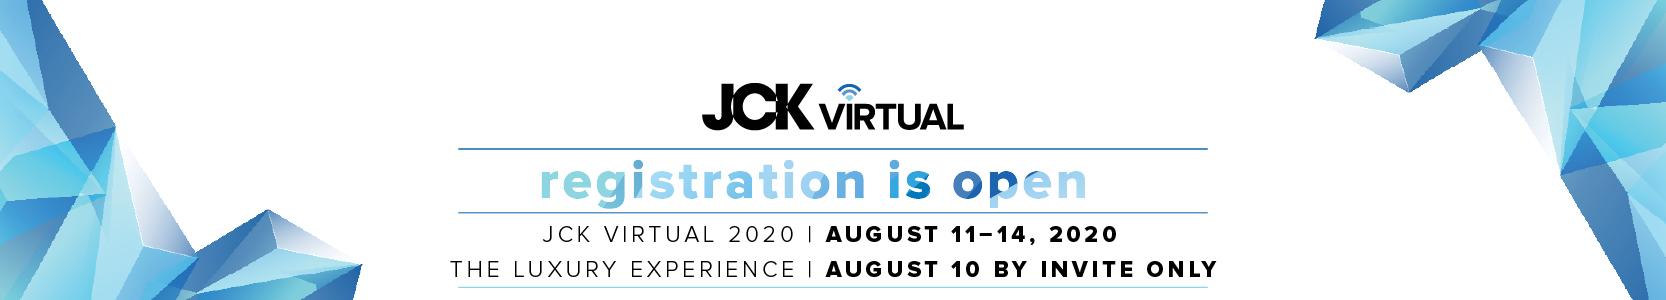 Welcome to JCK Virtual